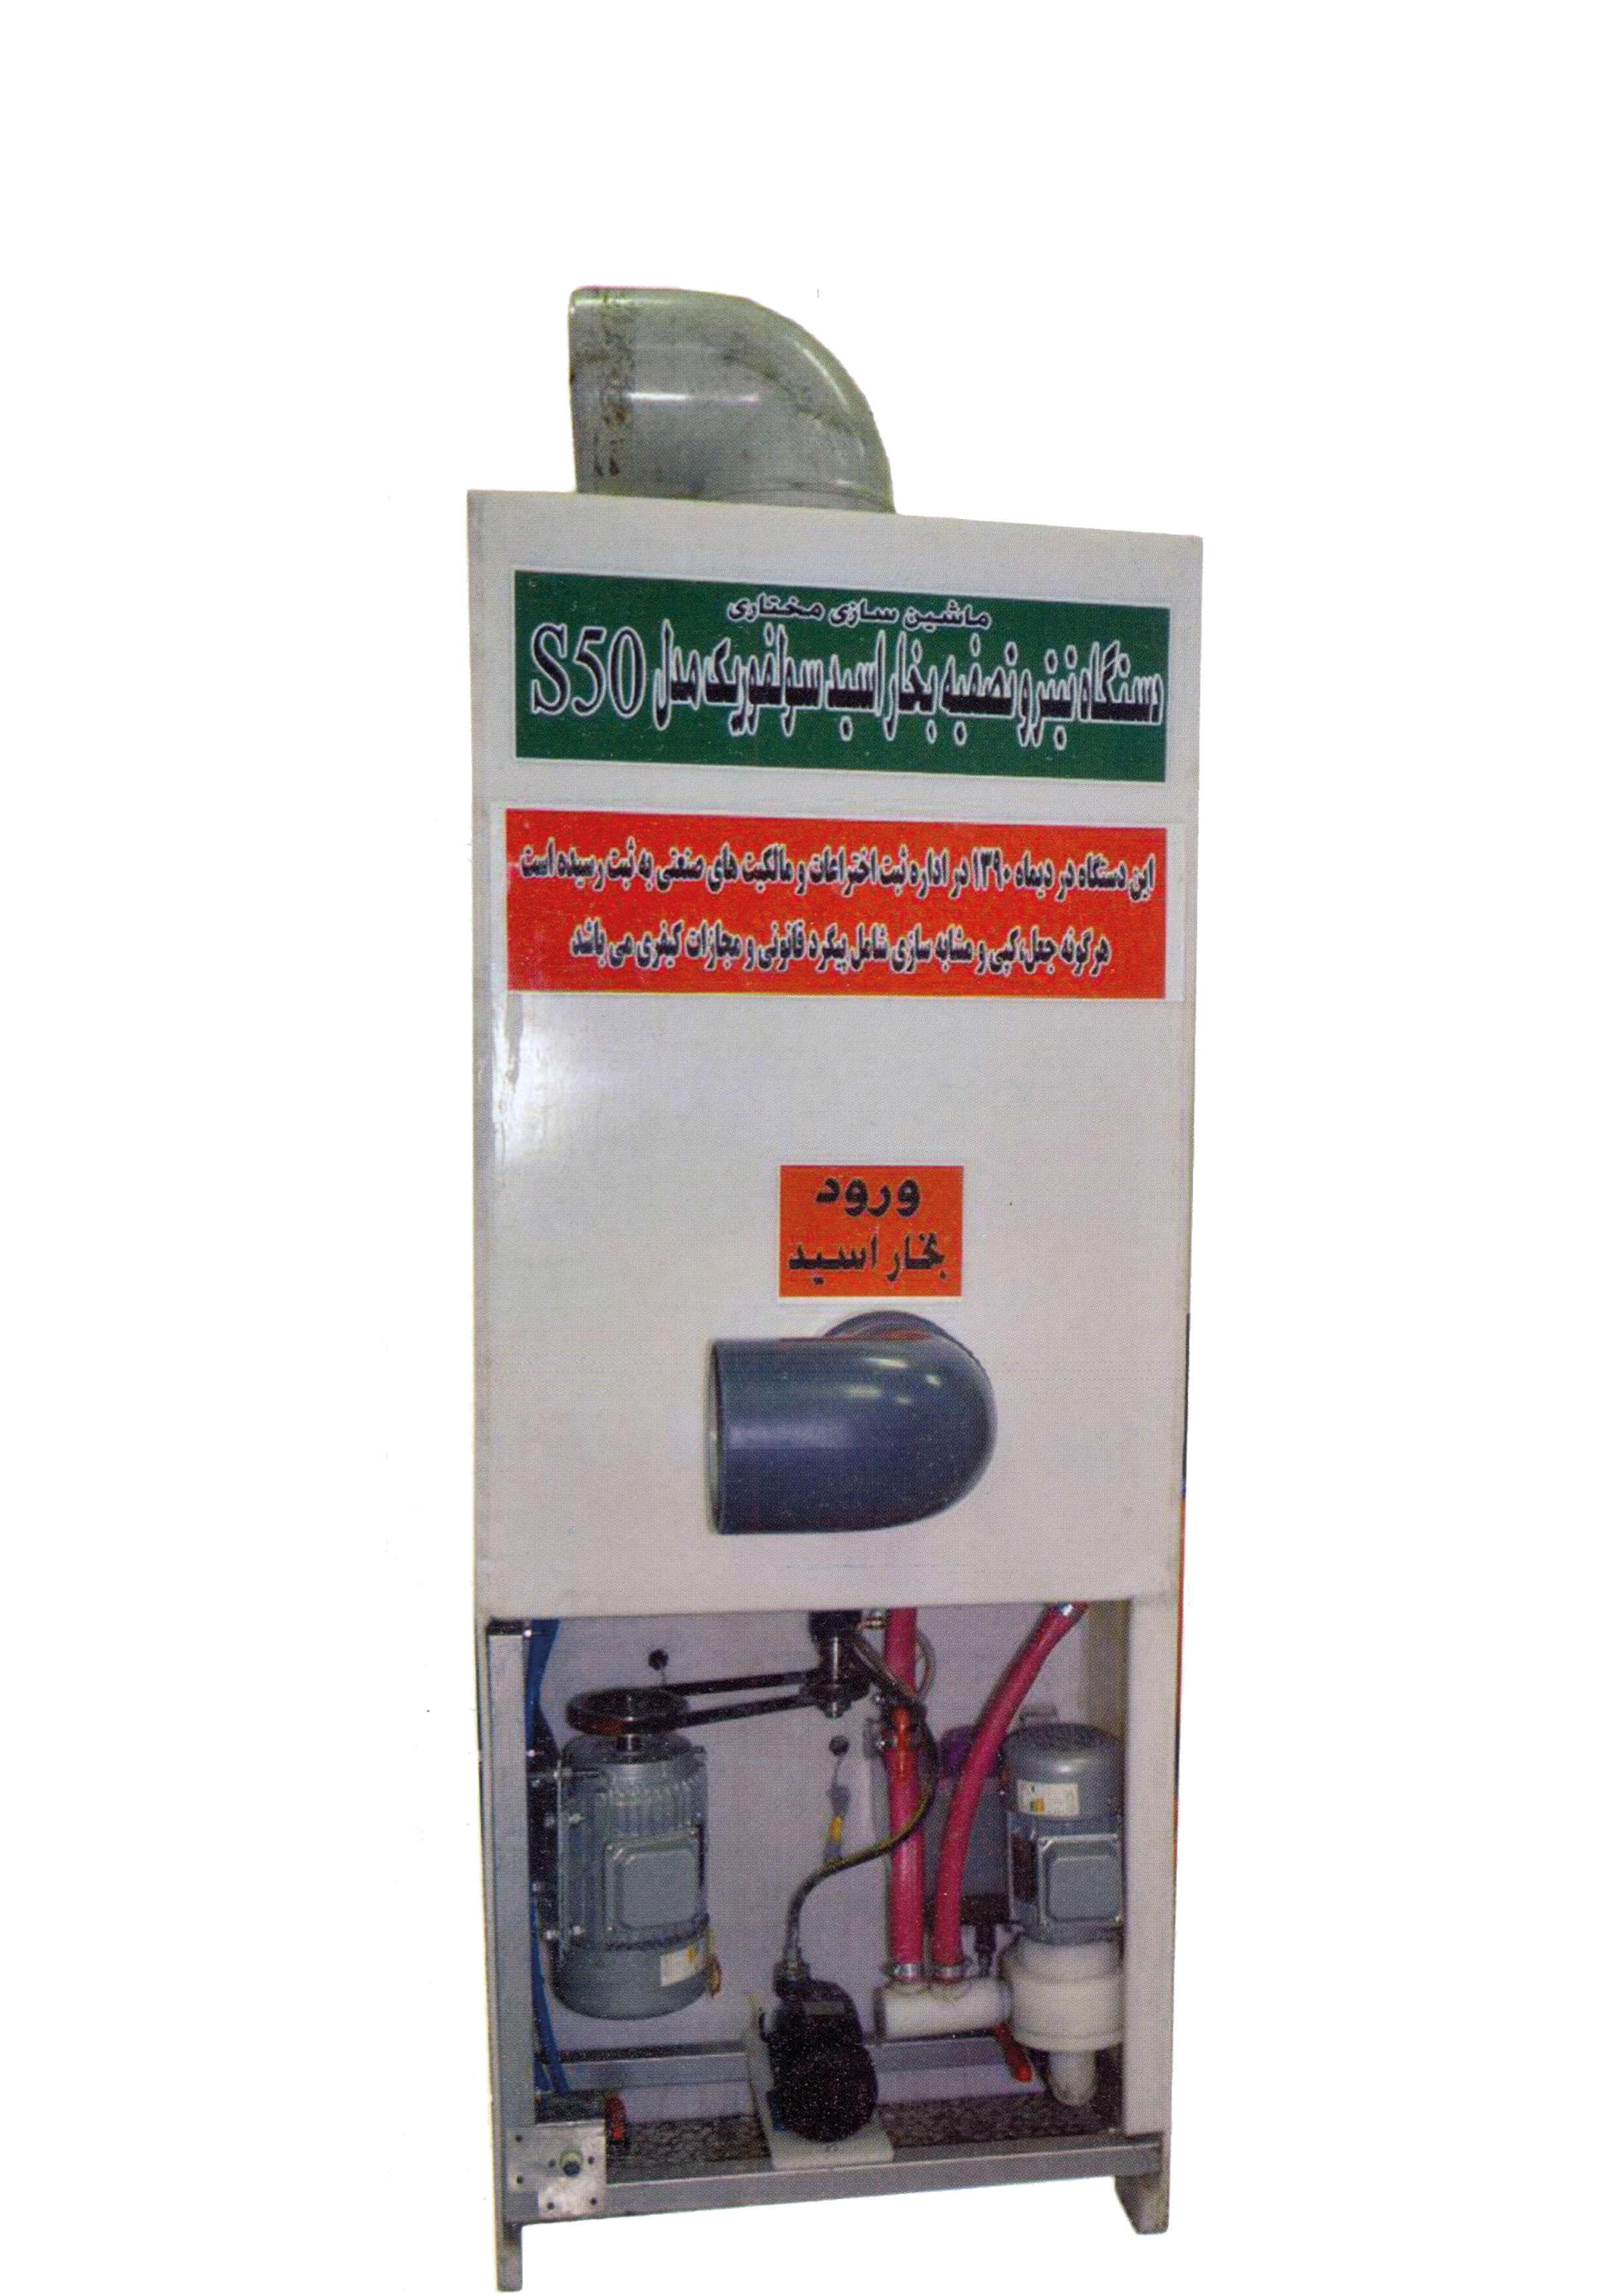 دستگاه تصفیه بخار اسید S50